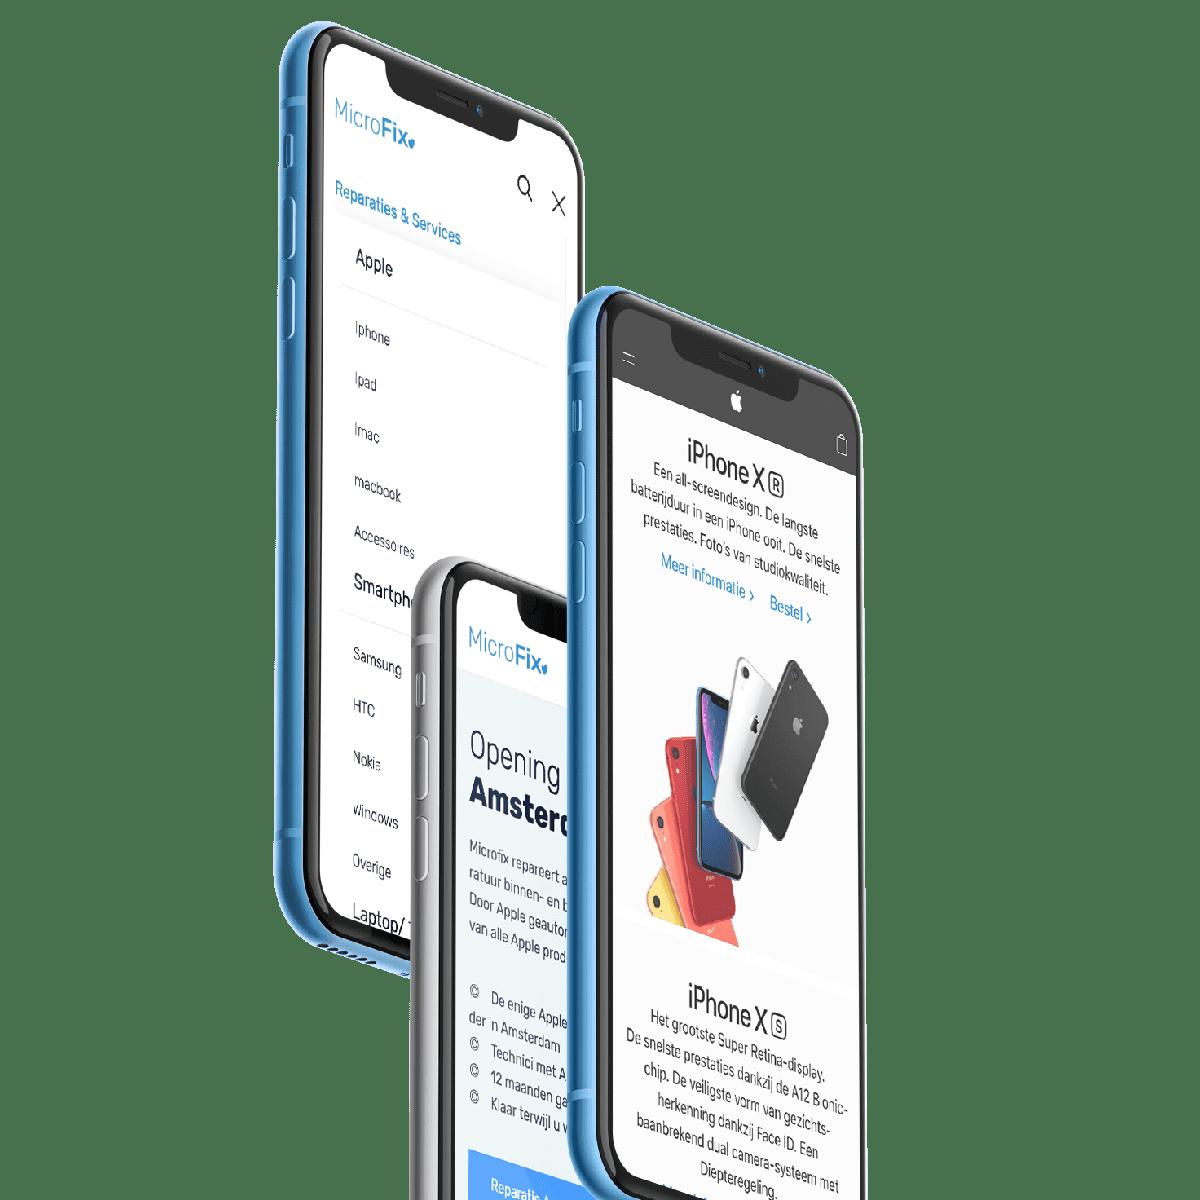 iphone reparatie leiden